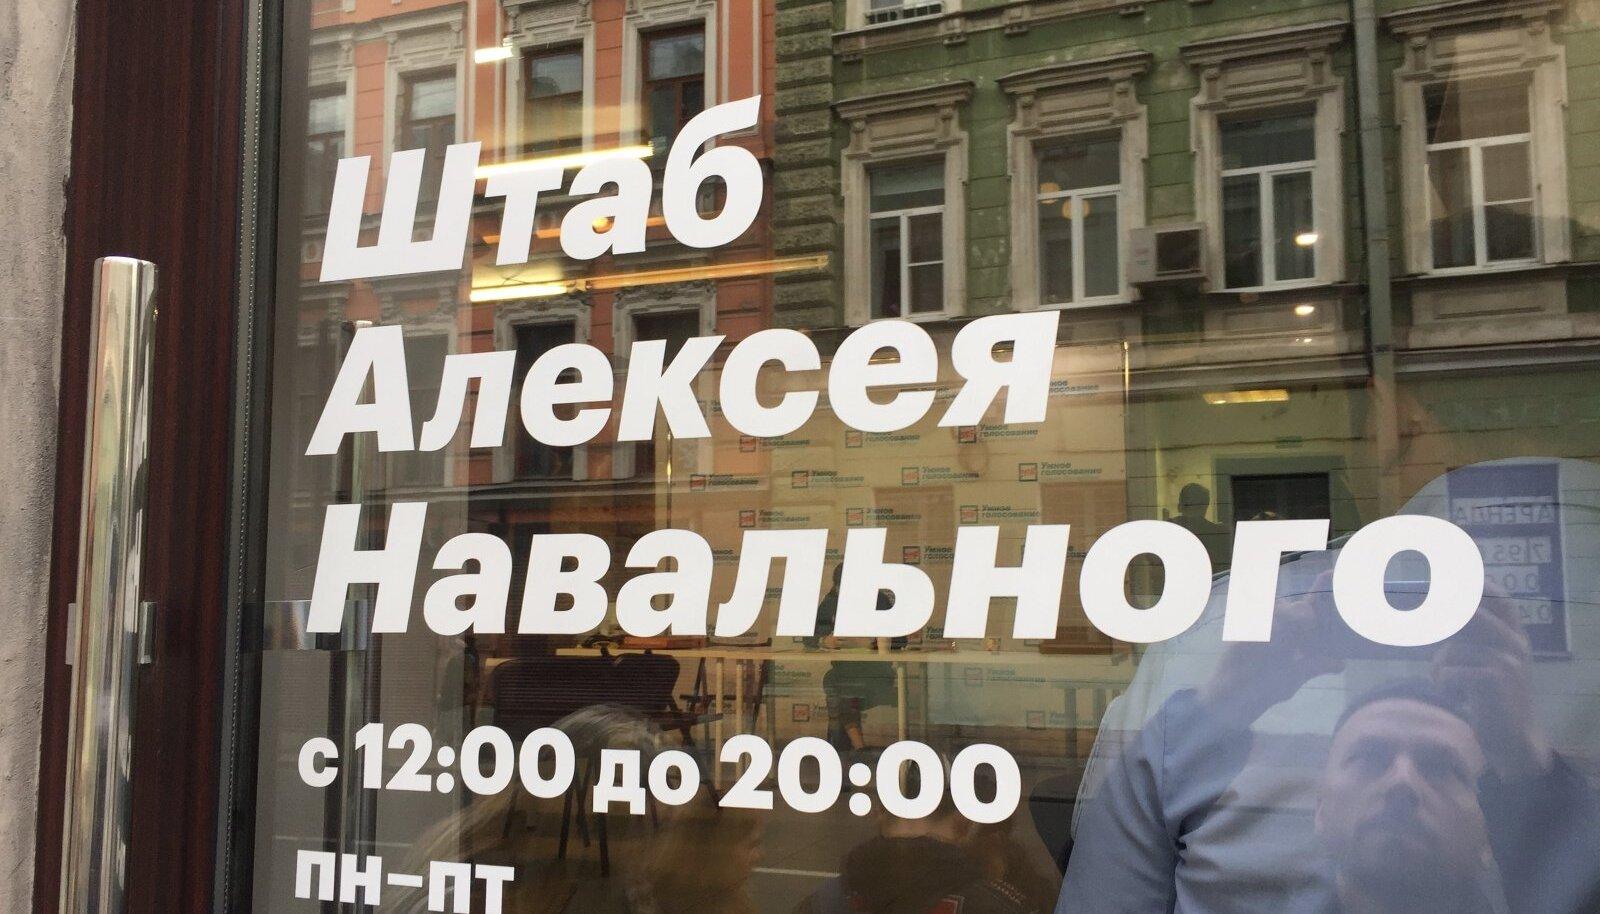 Aleksei Navalnõi peakorter Peterburis